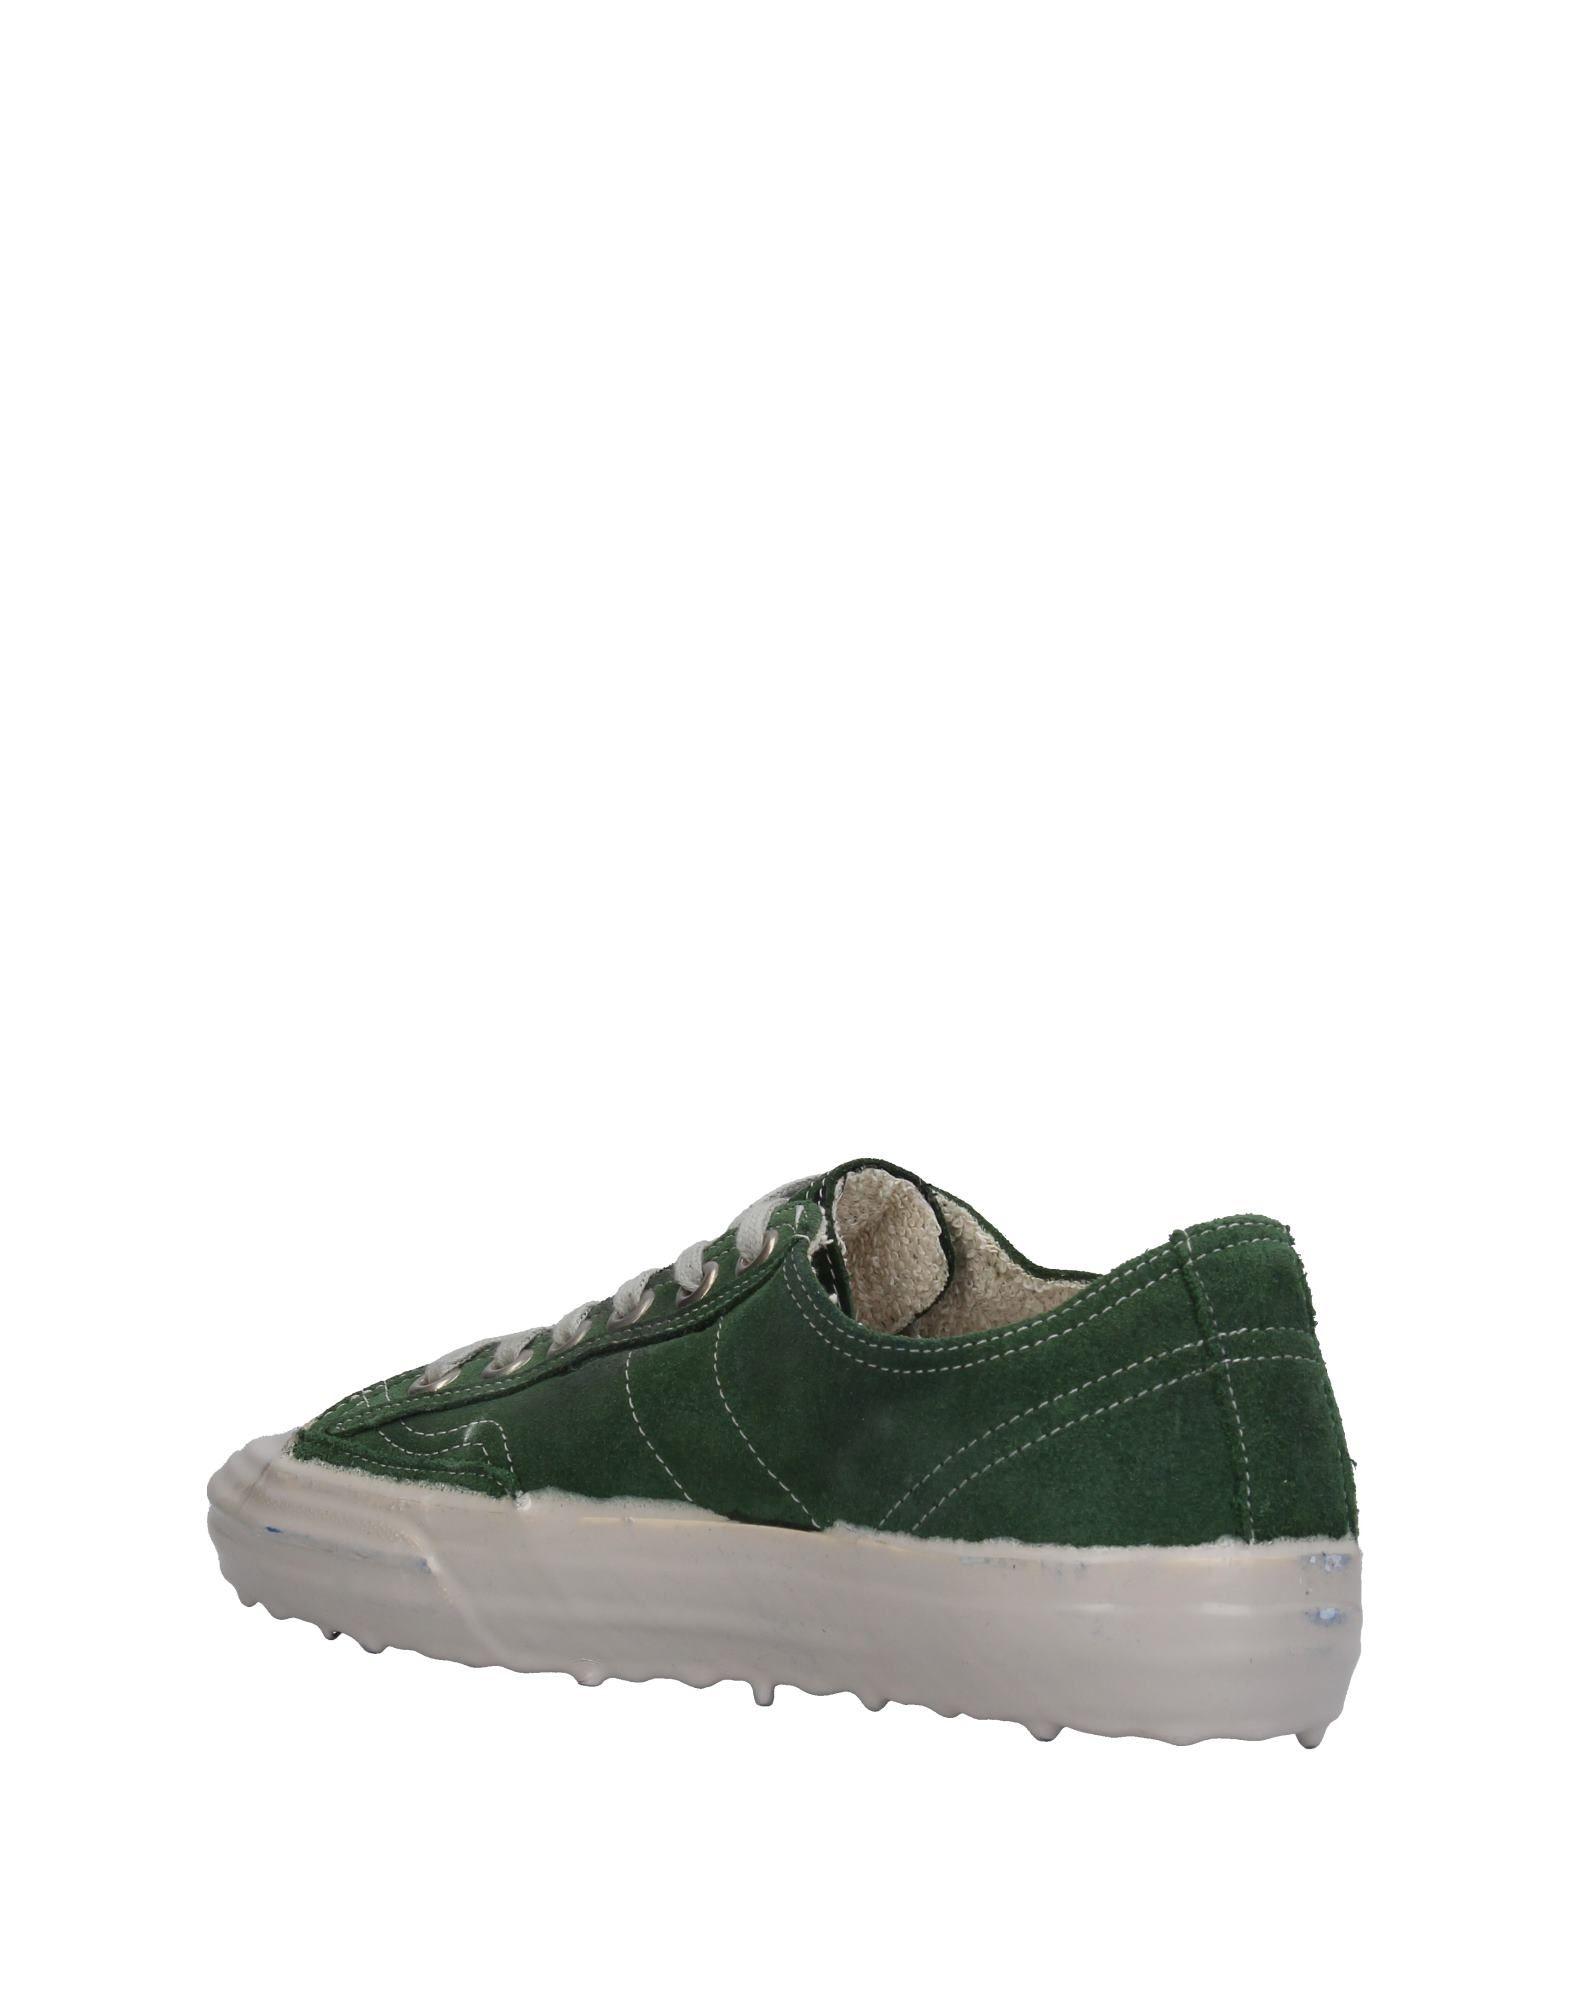 Golden Herren Goose Deluxe Brand Sneakers Herren Golden  11385985OR f4c1b9